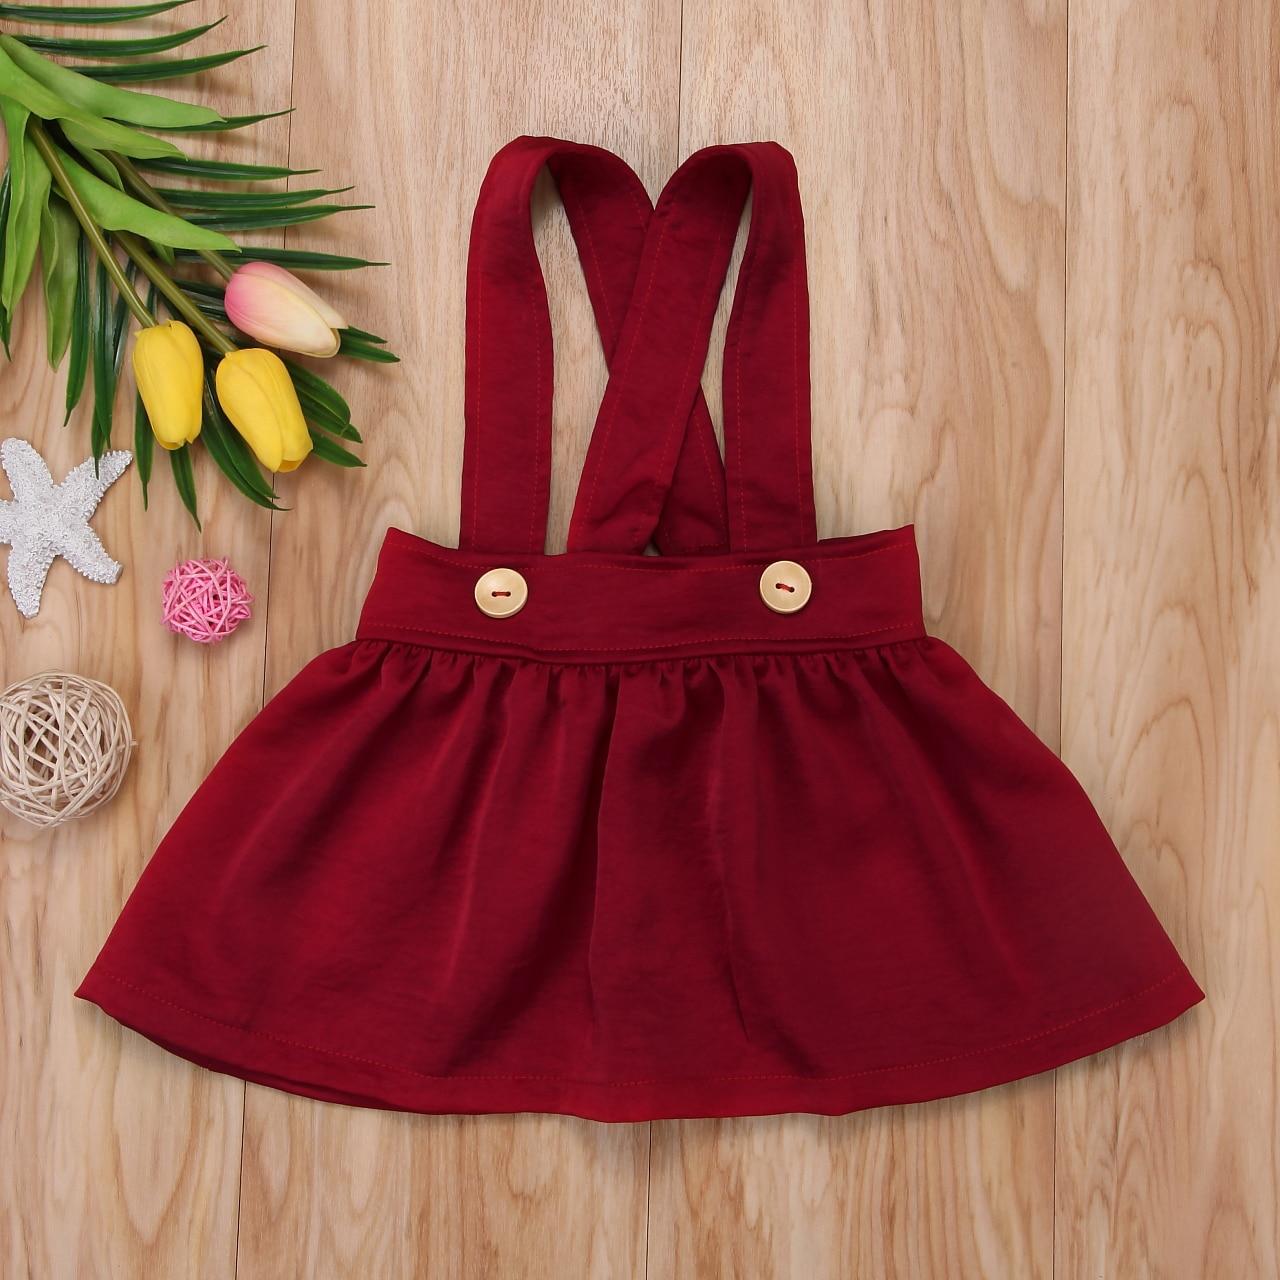 Kinder Baby Mädchen Röcke Mode Niedlichen Baby Mädchen Ballkleid Rock Overalls Outfits Kleidung Babykleidung Fortgeschrittene Technologie üBernehmen